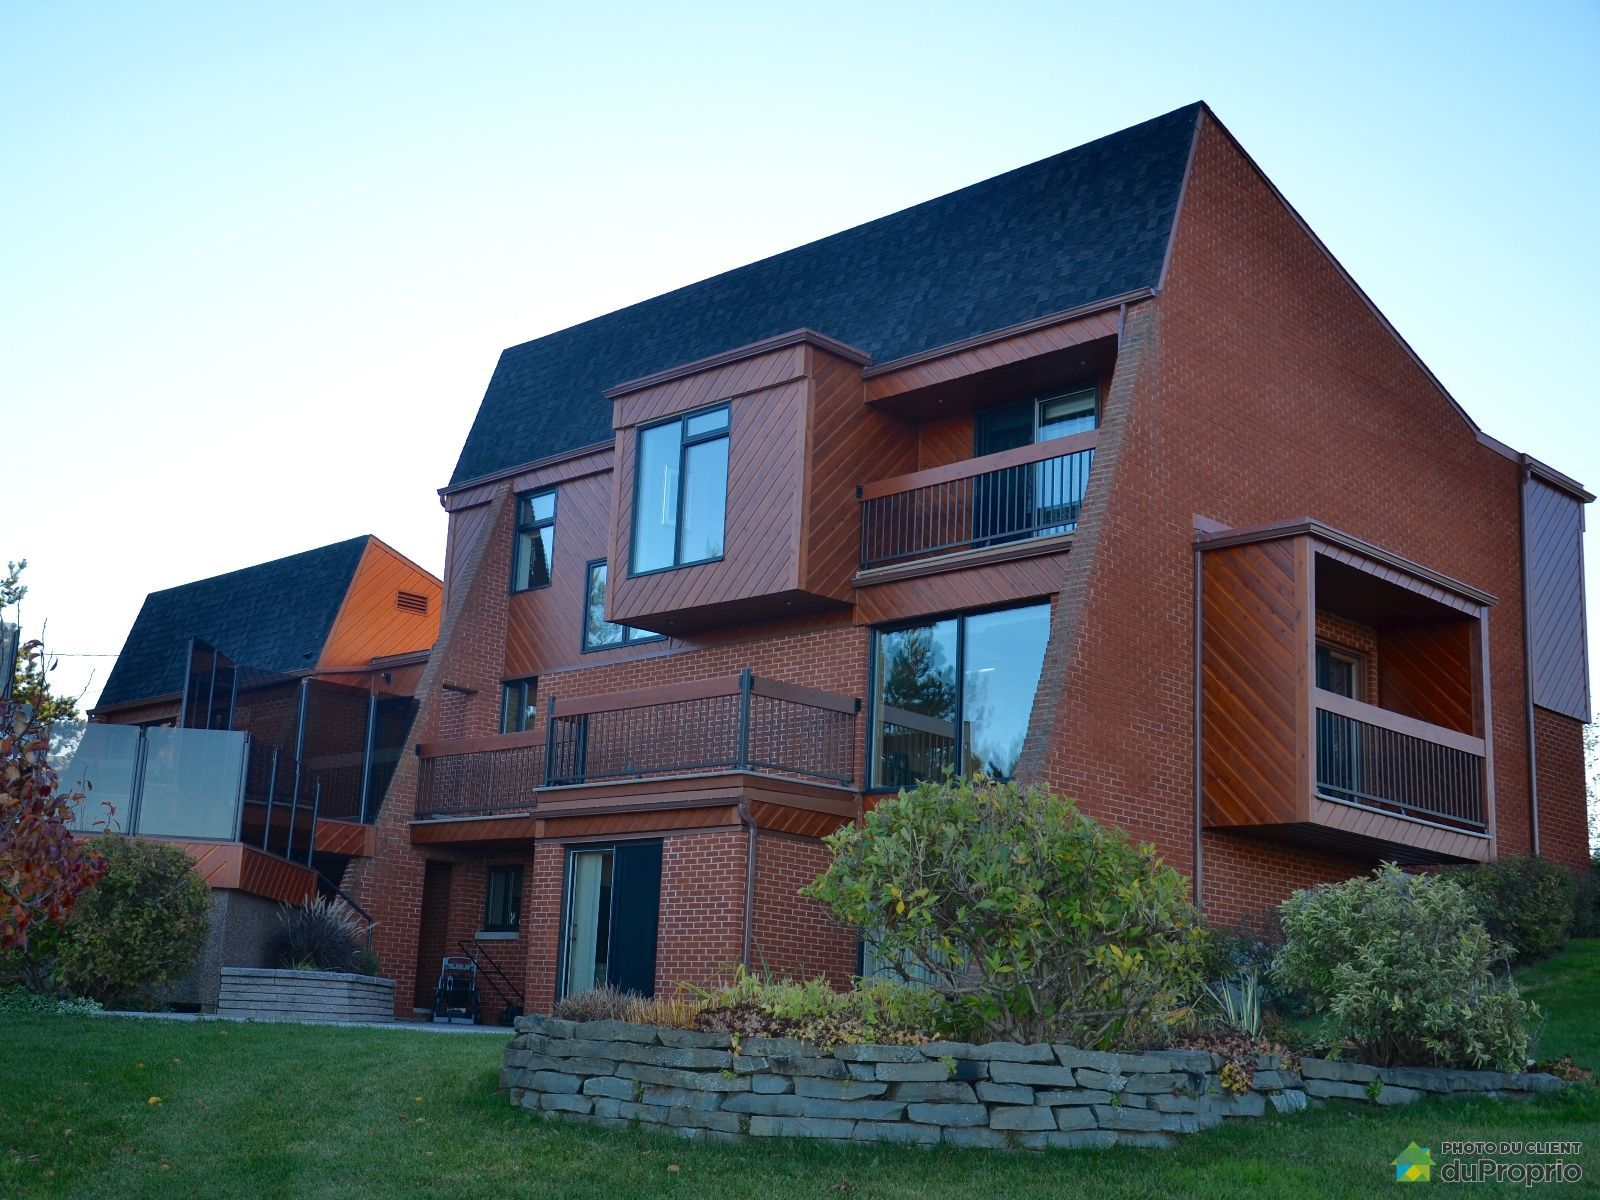 maison vendre rimouski 1010 boulevard saint germain immobilier qu bec duproprio 668410